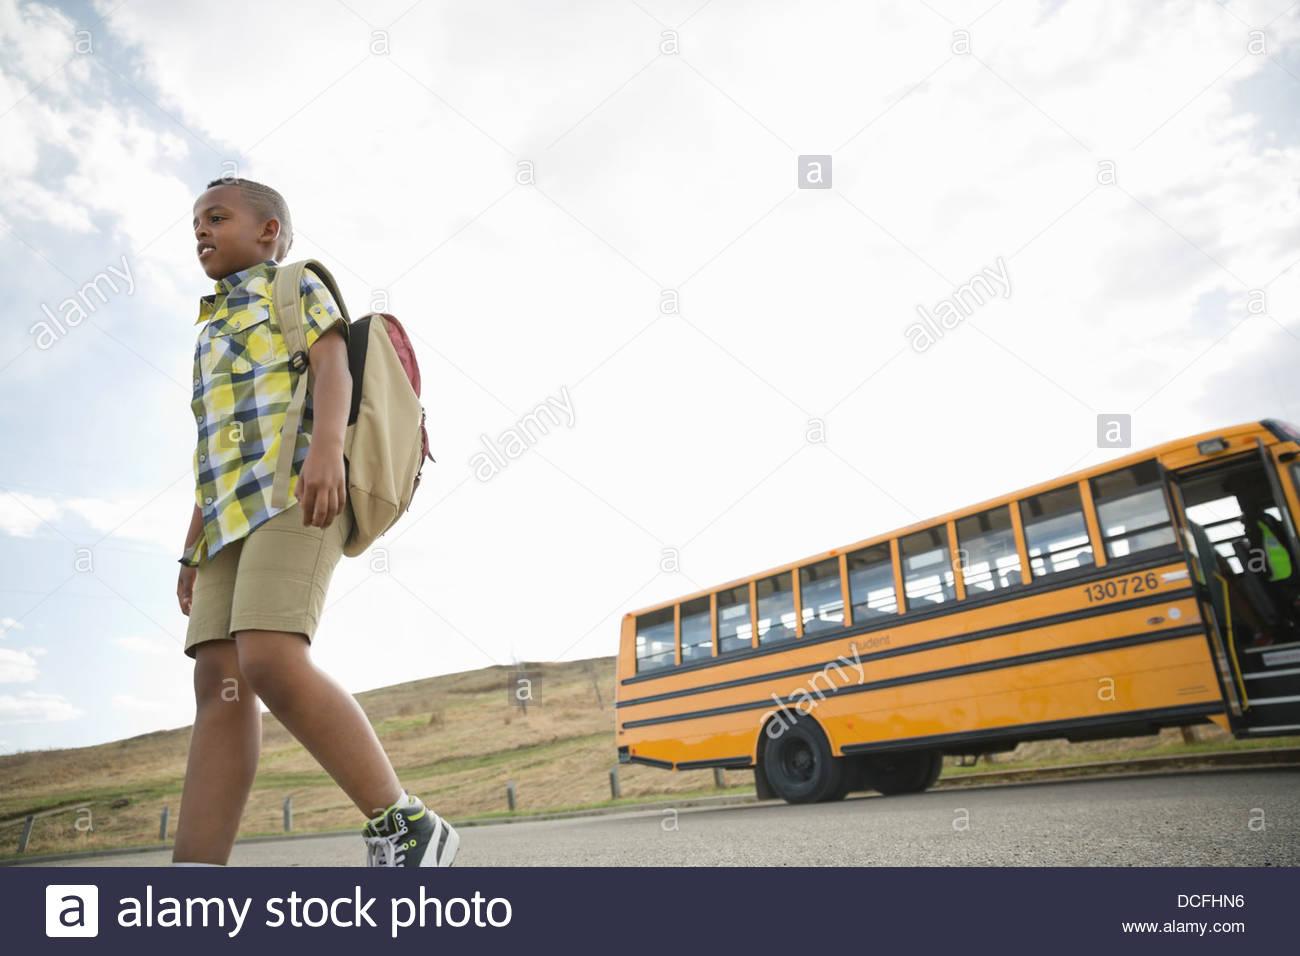 Ángulo de visión baja de colegial alejarse del autobús escolar Imagen De Stock